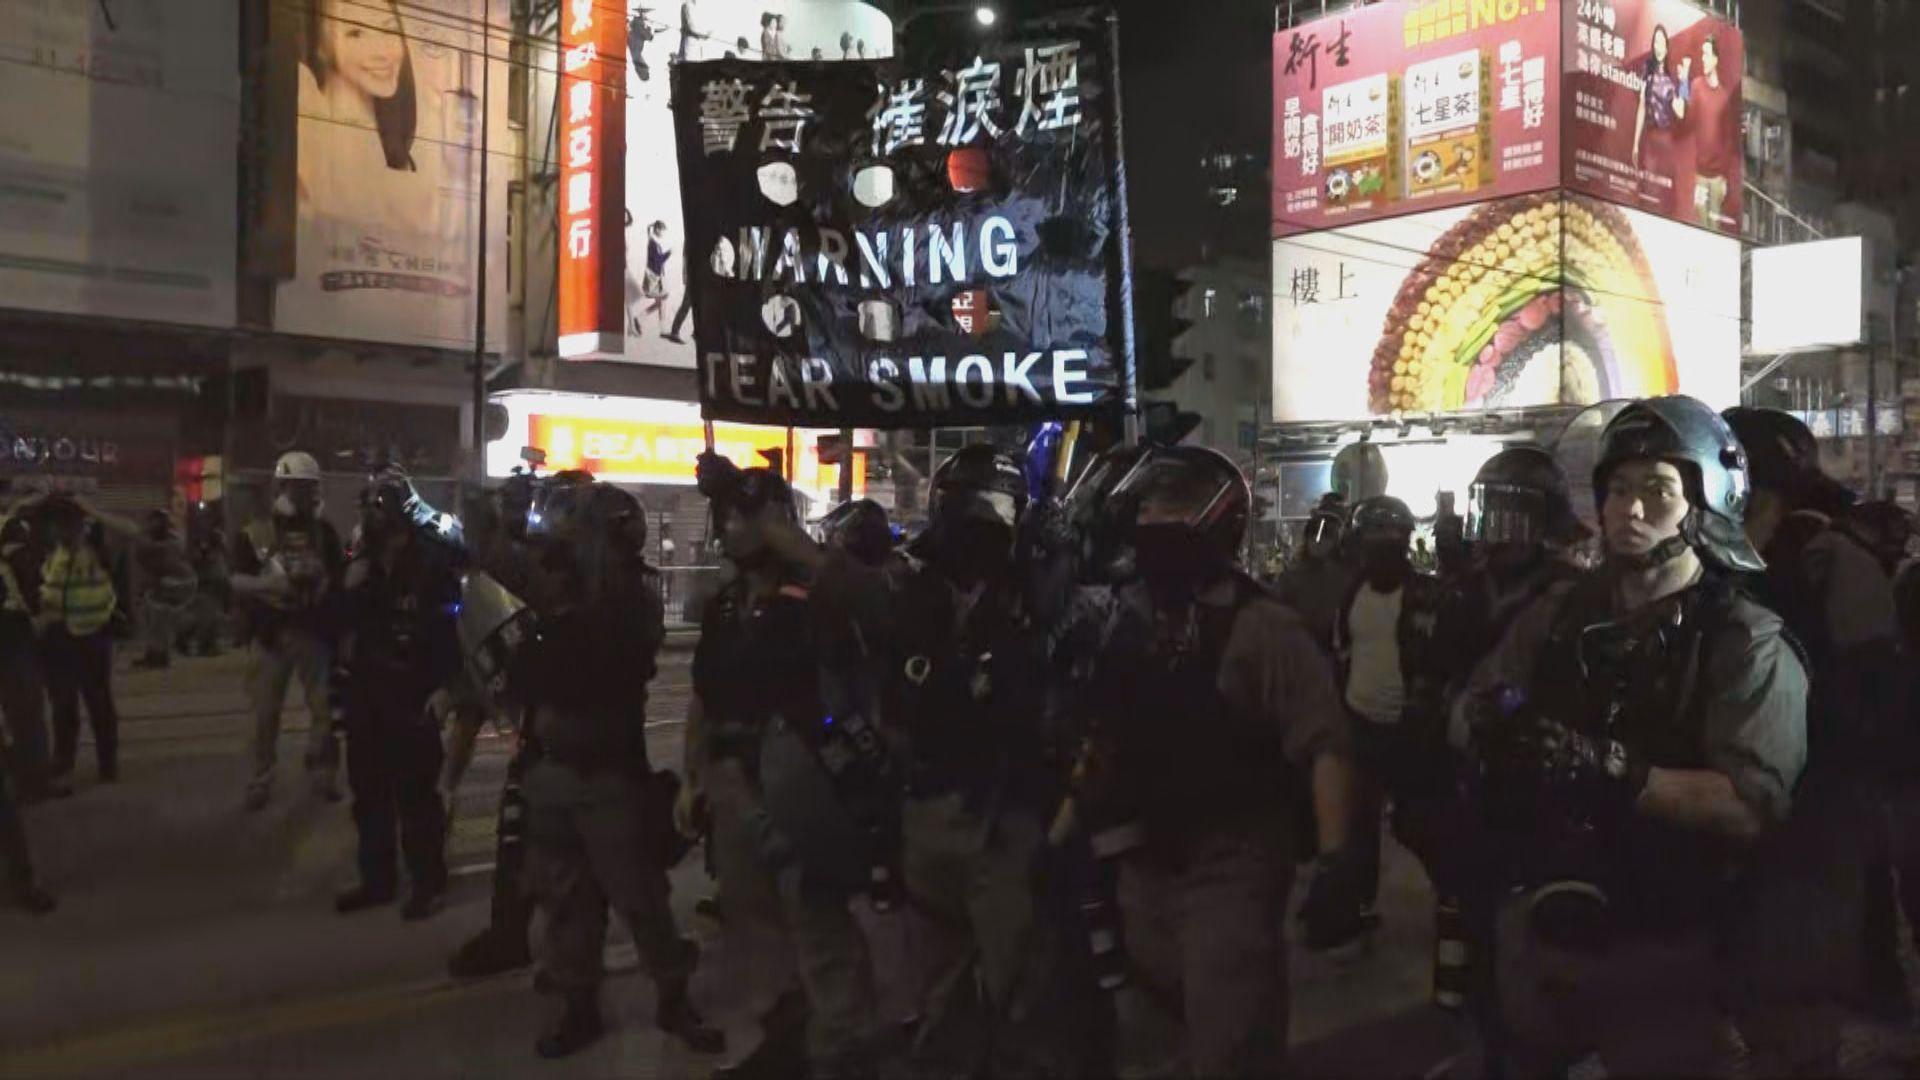 警員晚上元朗截查市民 一度舉黑旗示警